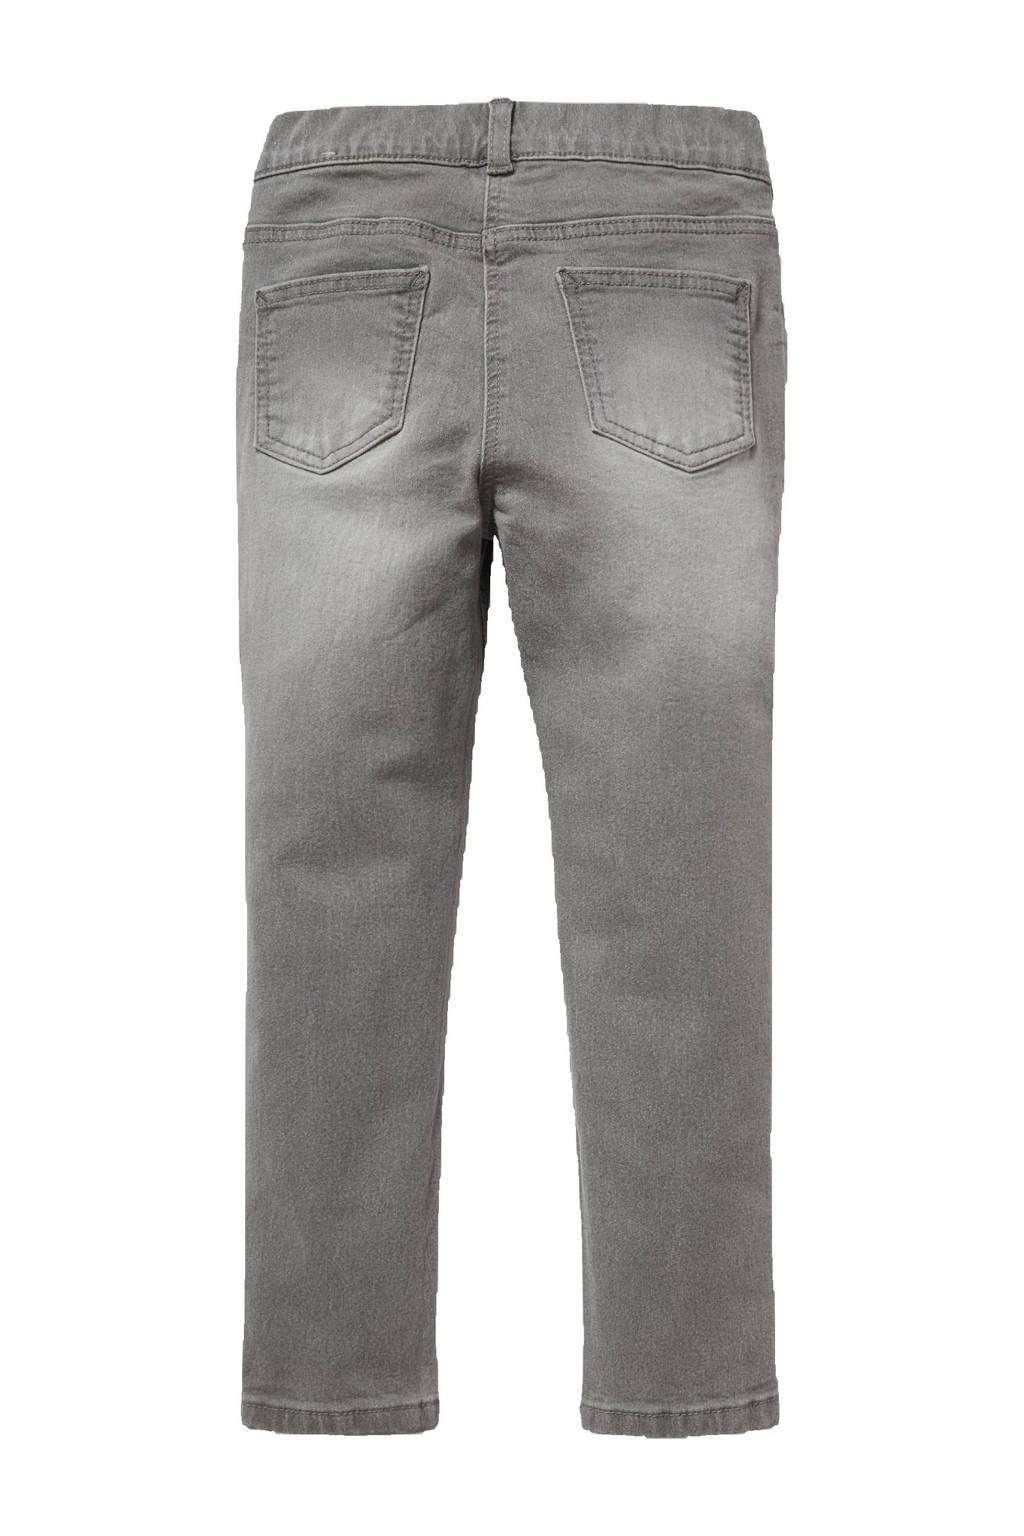 C&A Happy girls Club skinny jeans grijs stonewashed, Grijs stonewashed